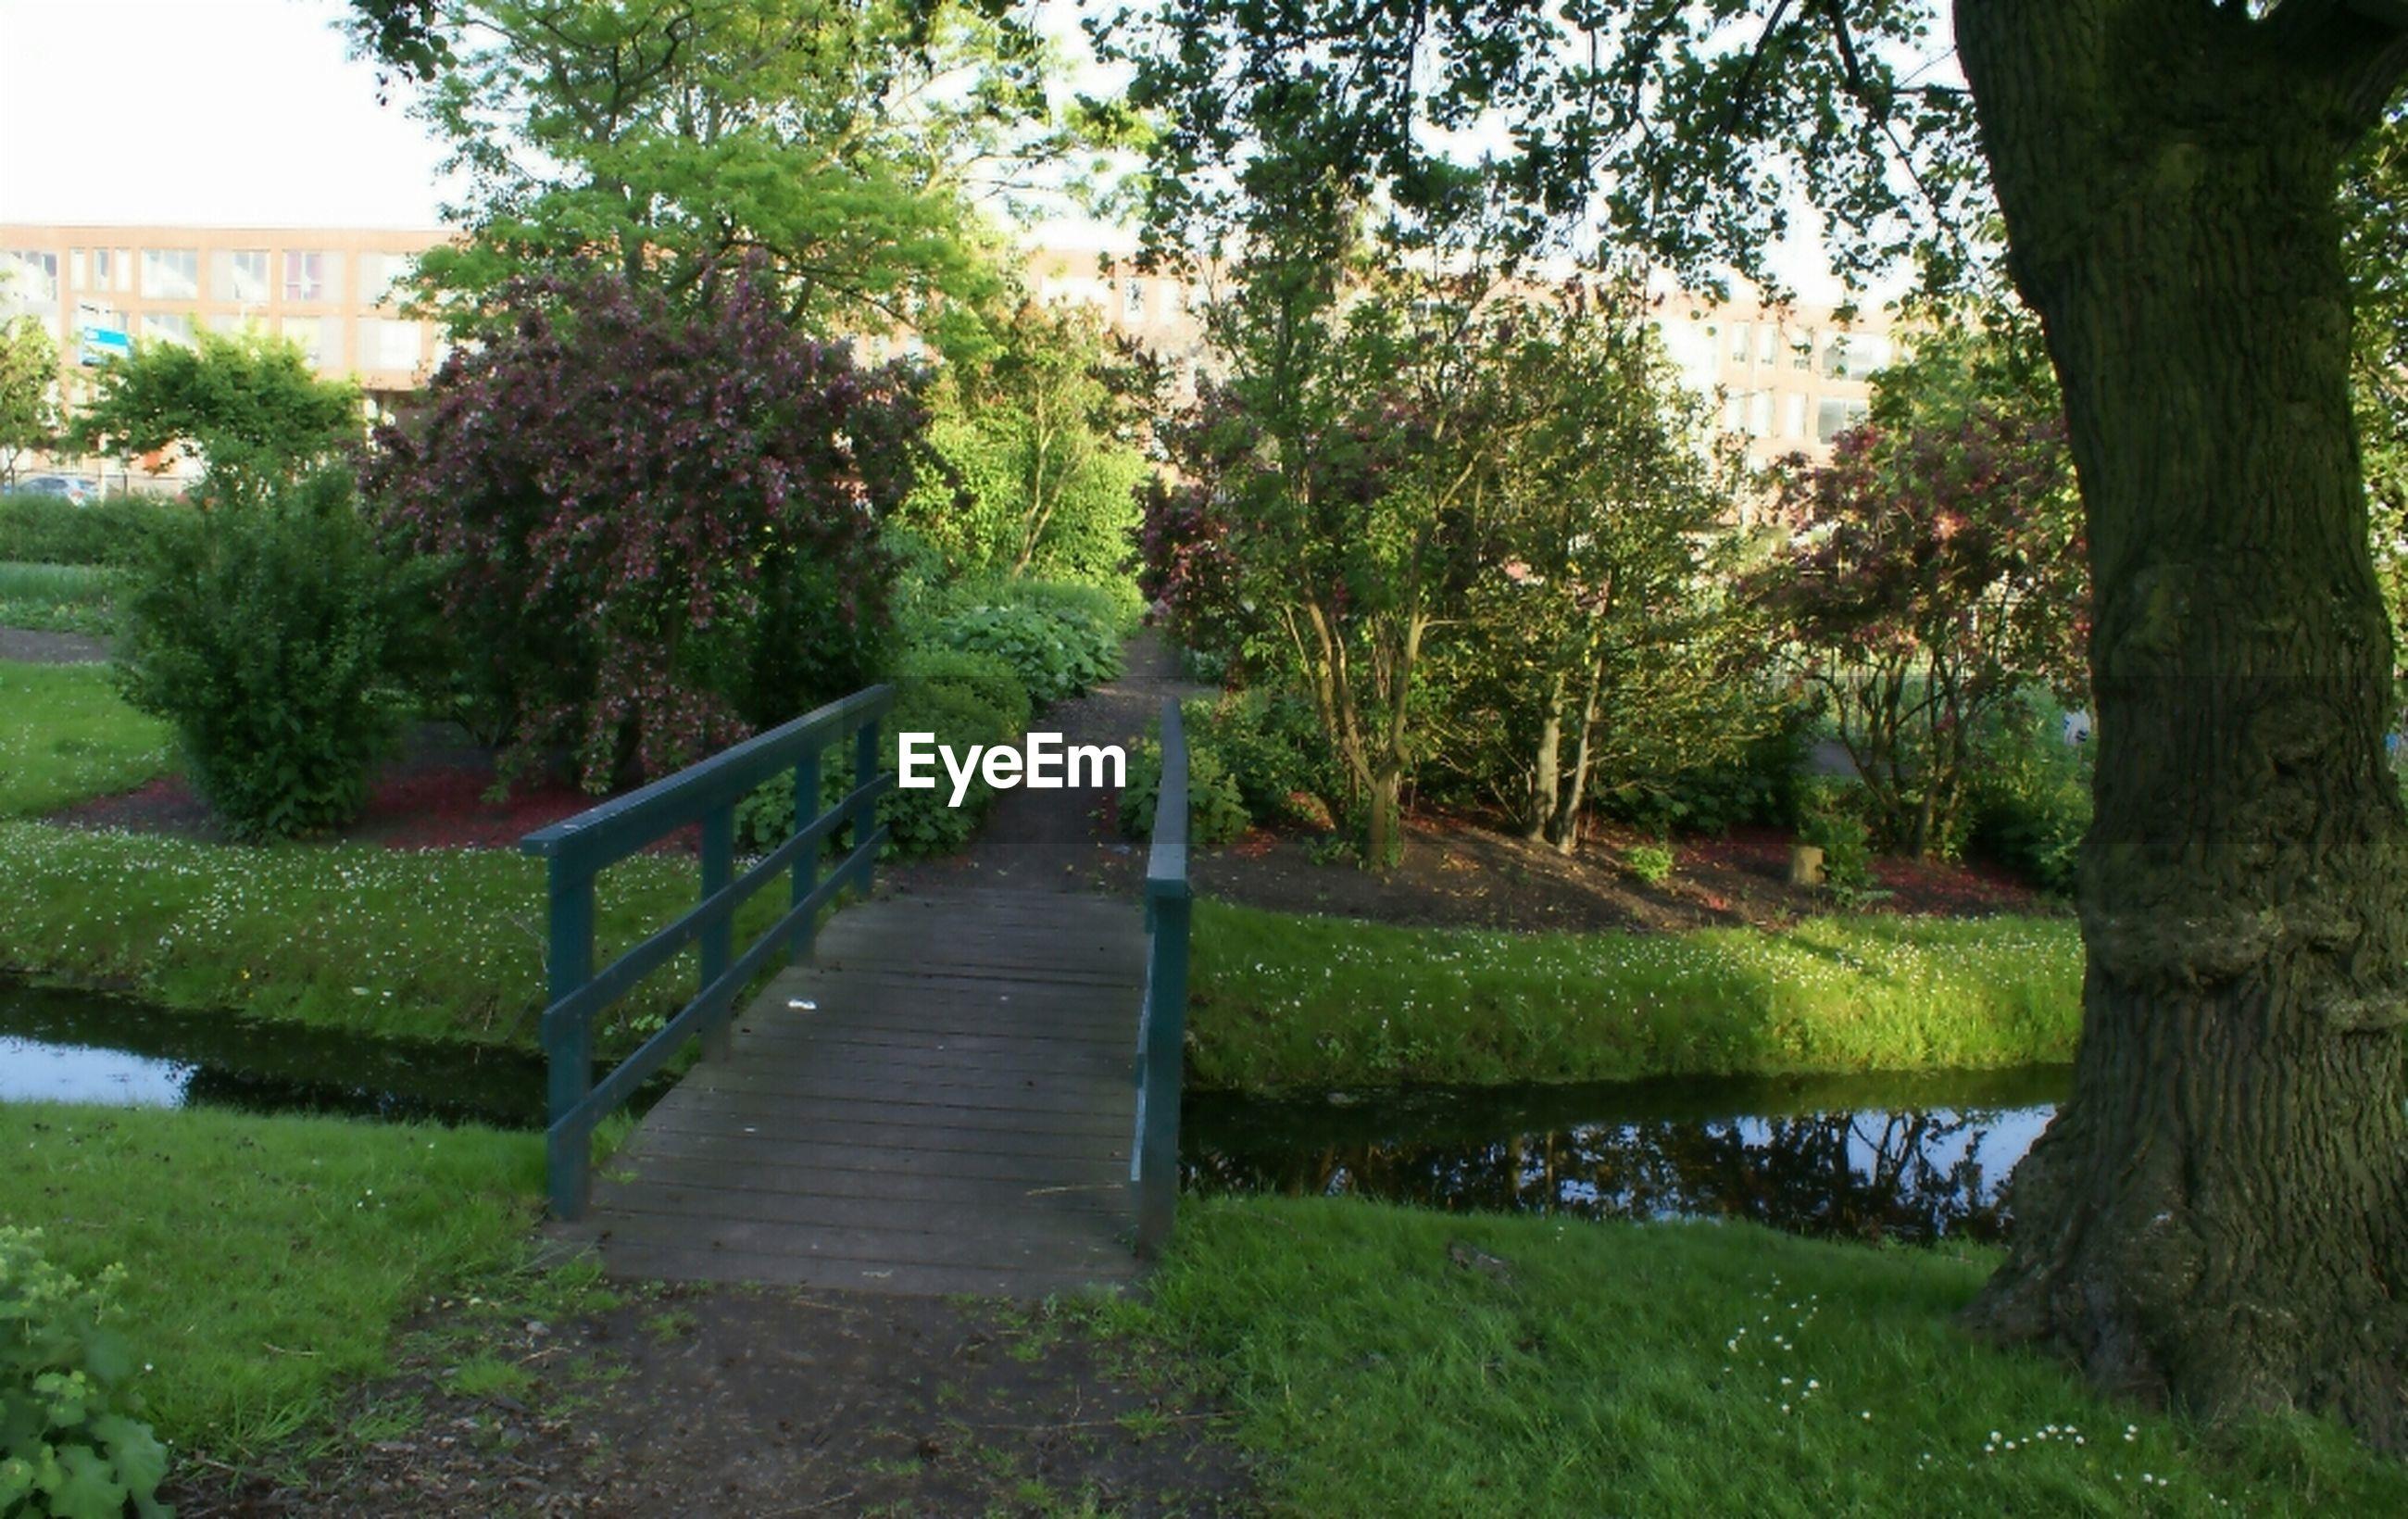 Wooden footbridge over stream in park